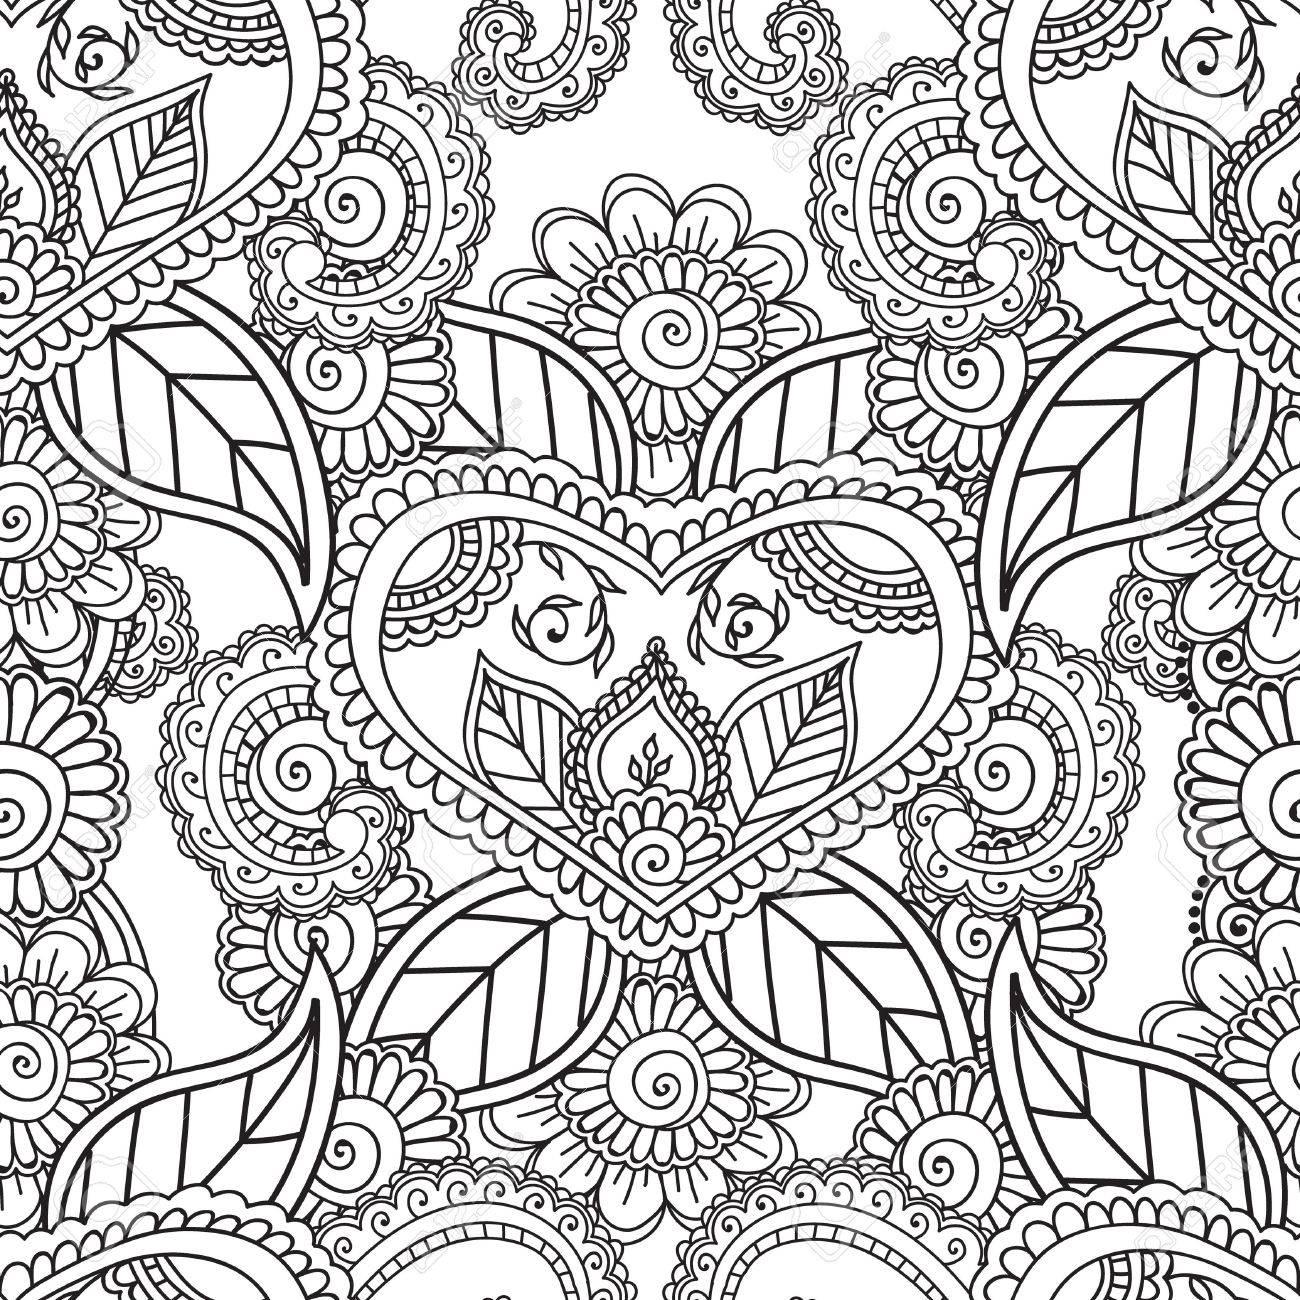 Malvorlagen Für Erwachsene. Nahtlose Pattern.Henna Mehndi Doodles ...